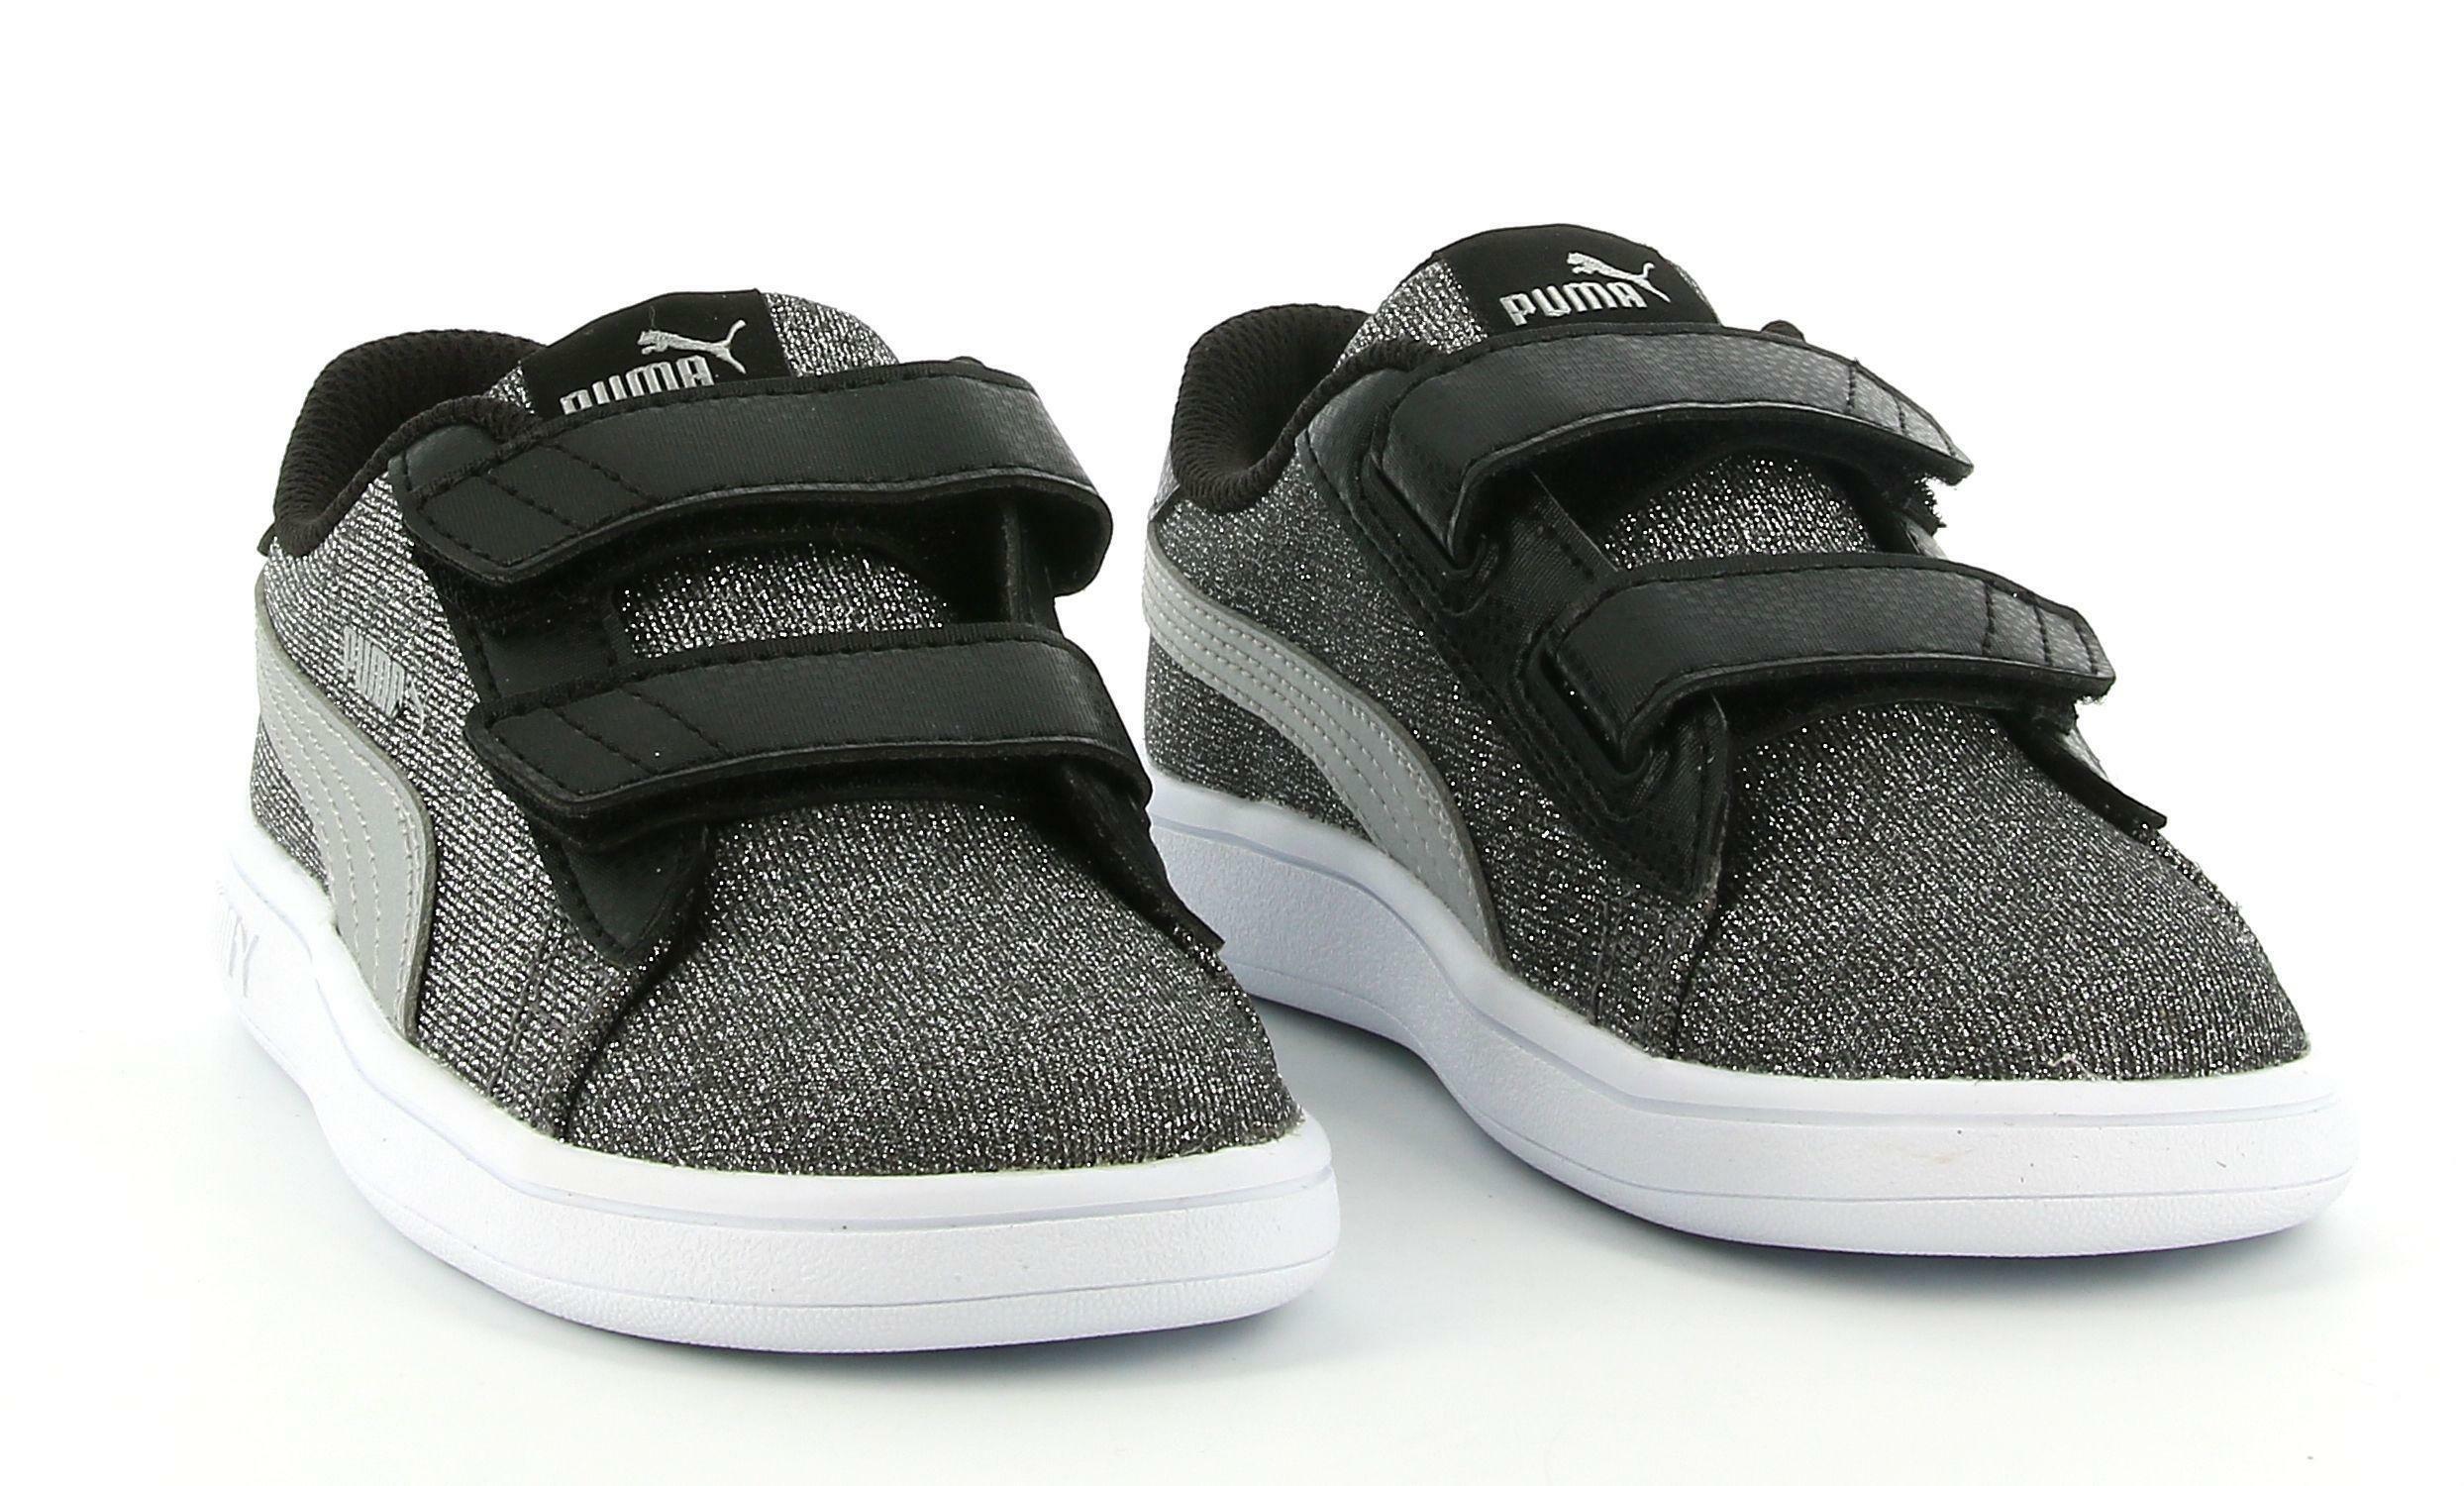 puma puma smash v2 glitz glam v inf 367380 014 sneaker bassa strappo bambina nera